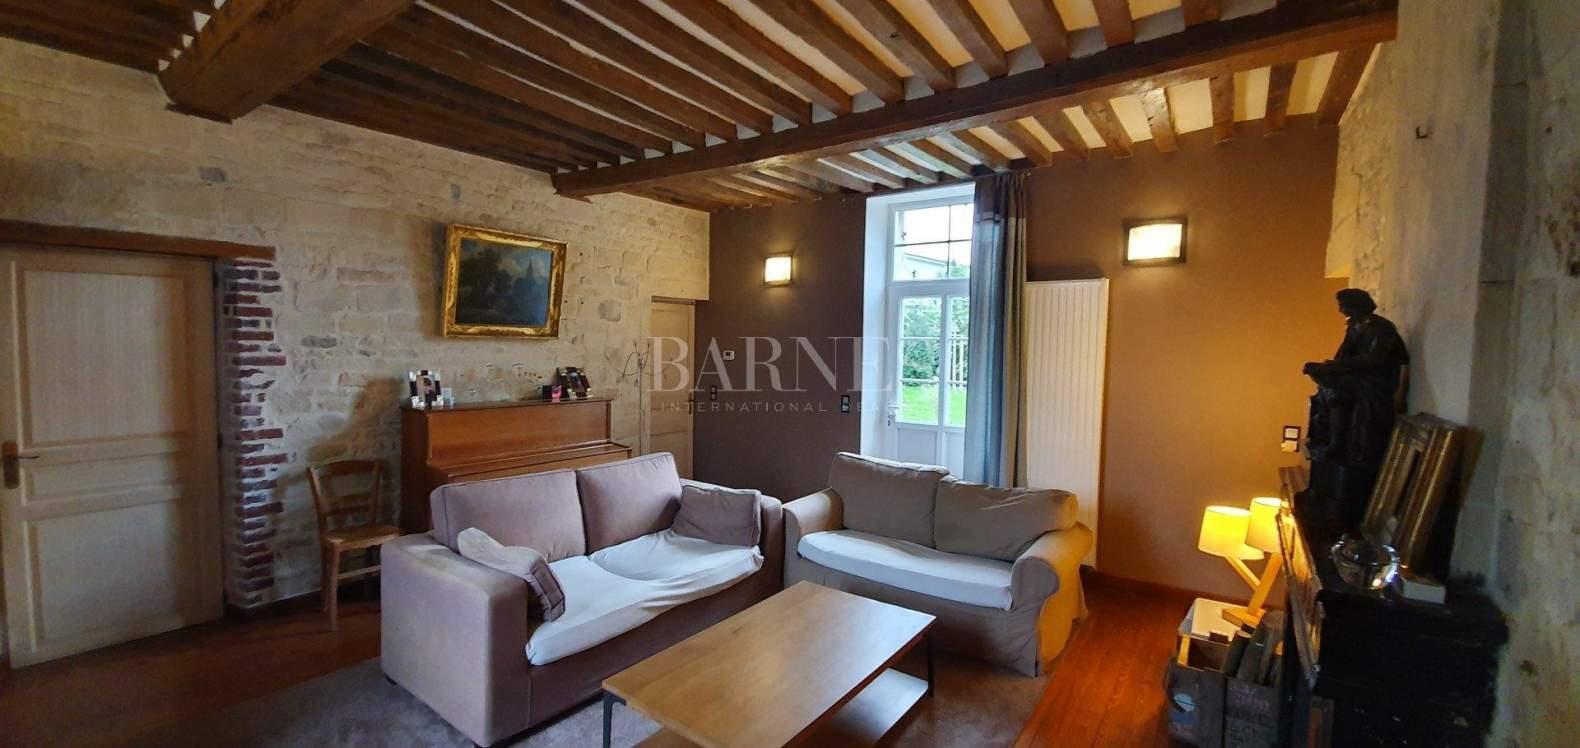 Caen  - Maison 8 Pièces 4 Chambres - picture 12